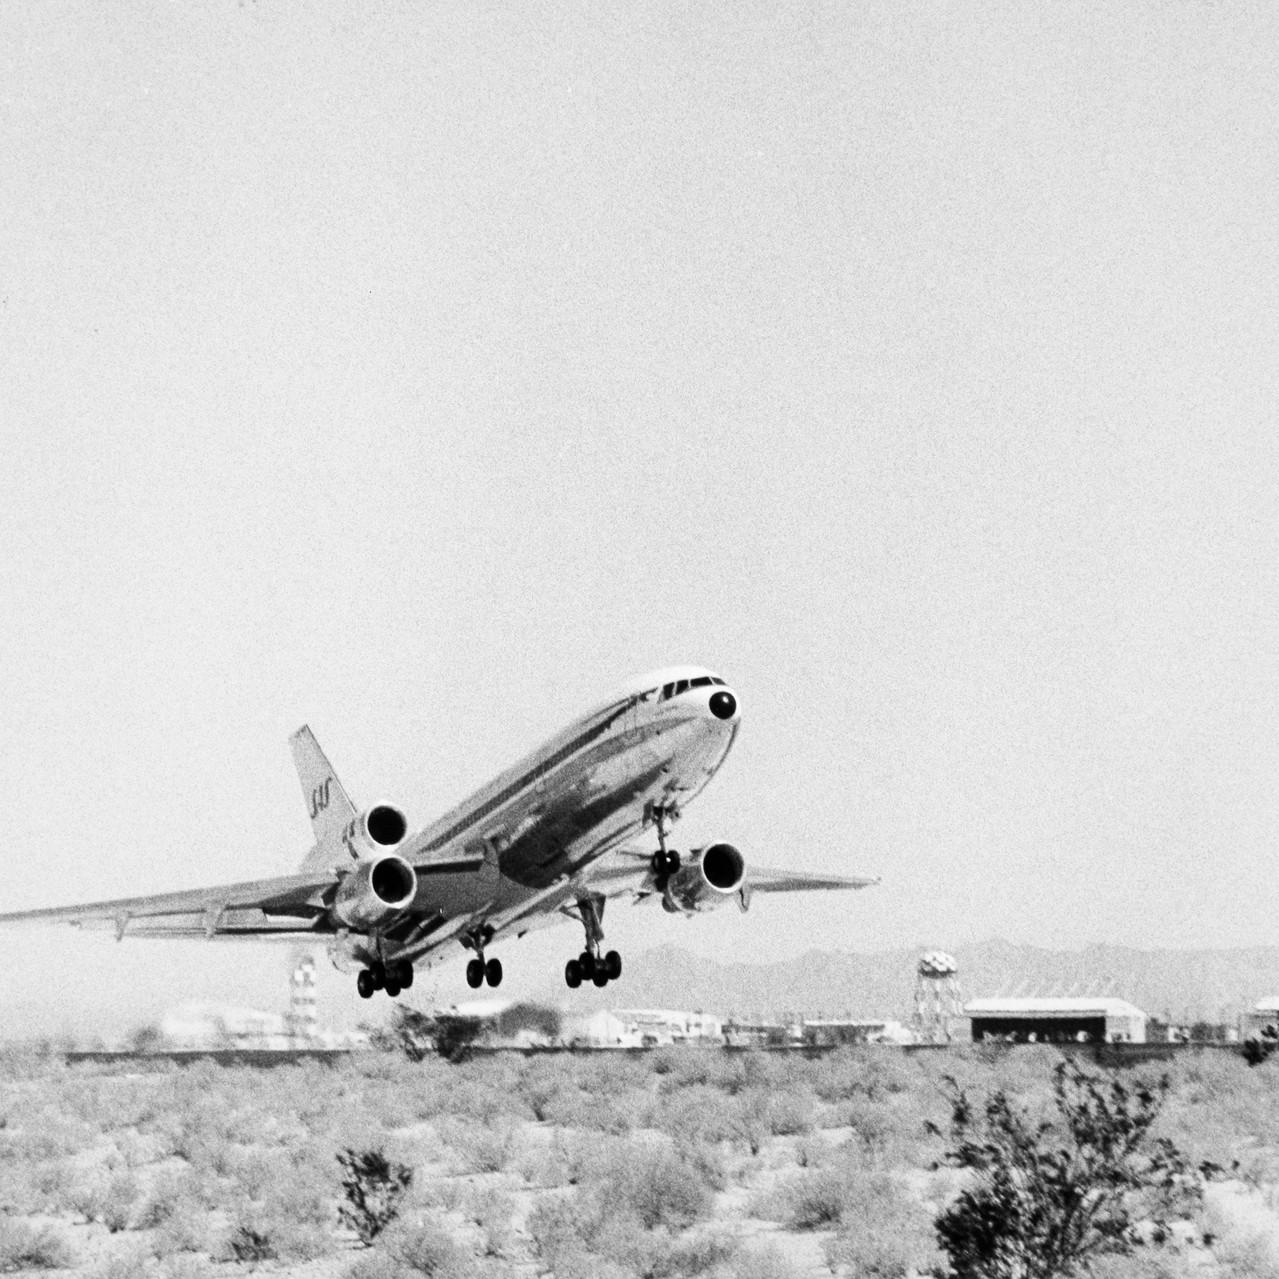 004_1976_DC-10-30_image-SAS